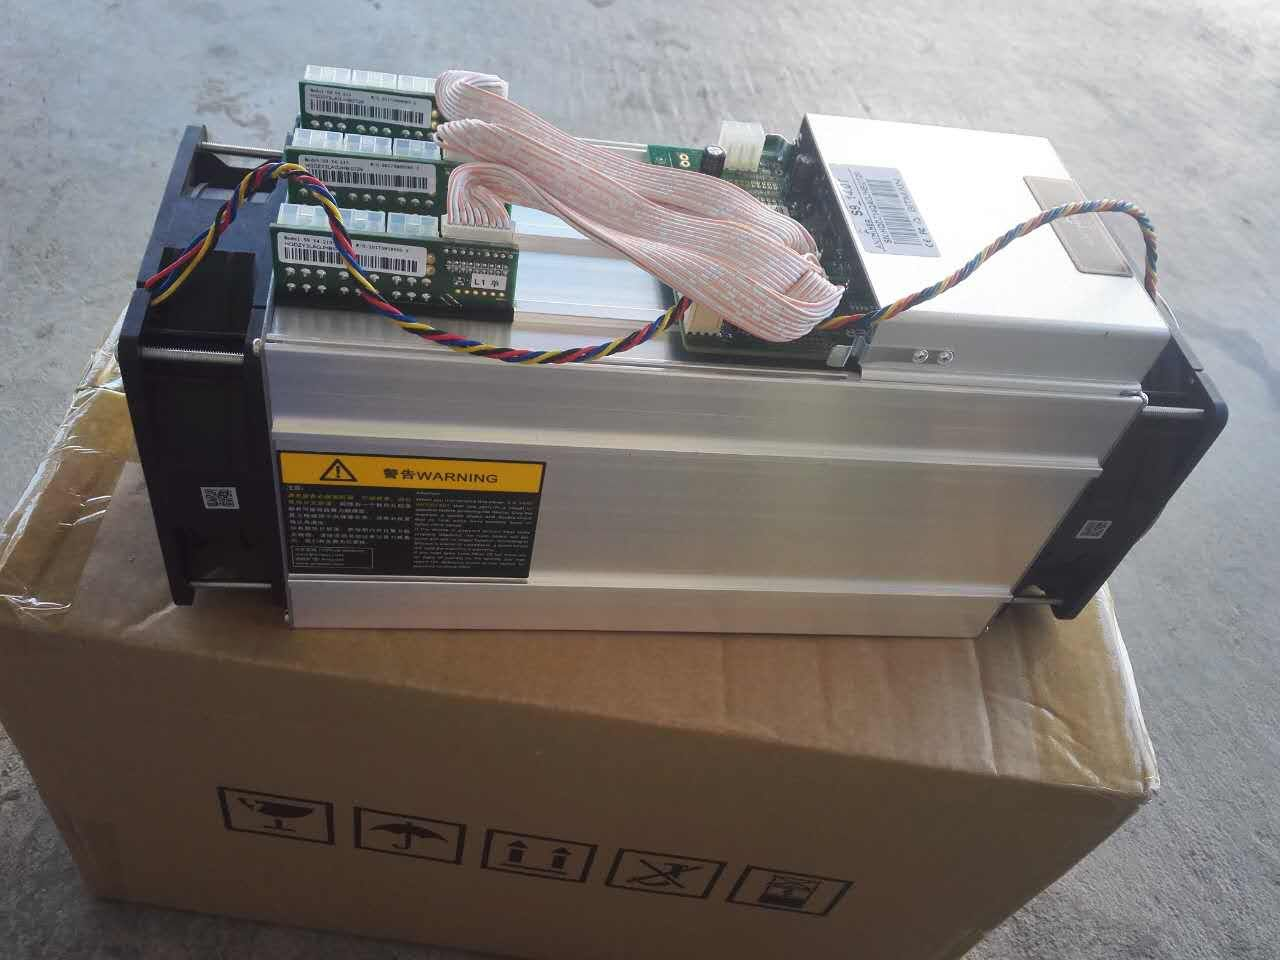 Ogłoszenie darmowe. Lokalizacja:  IL. BUY / SELL - Electronics. For Sale:: Bitmain Antminer S9.